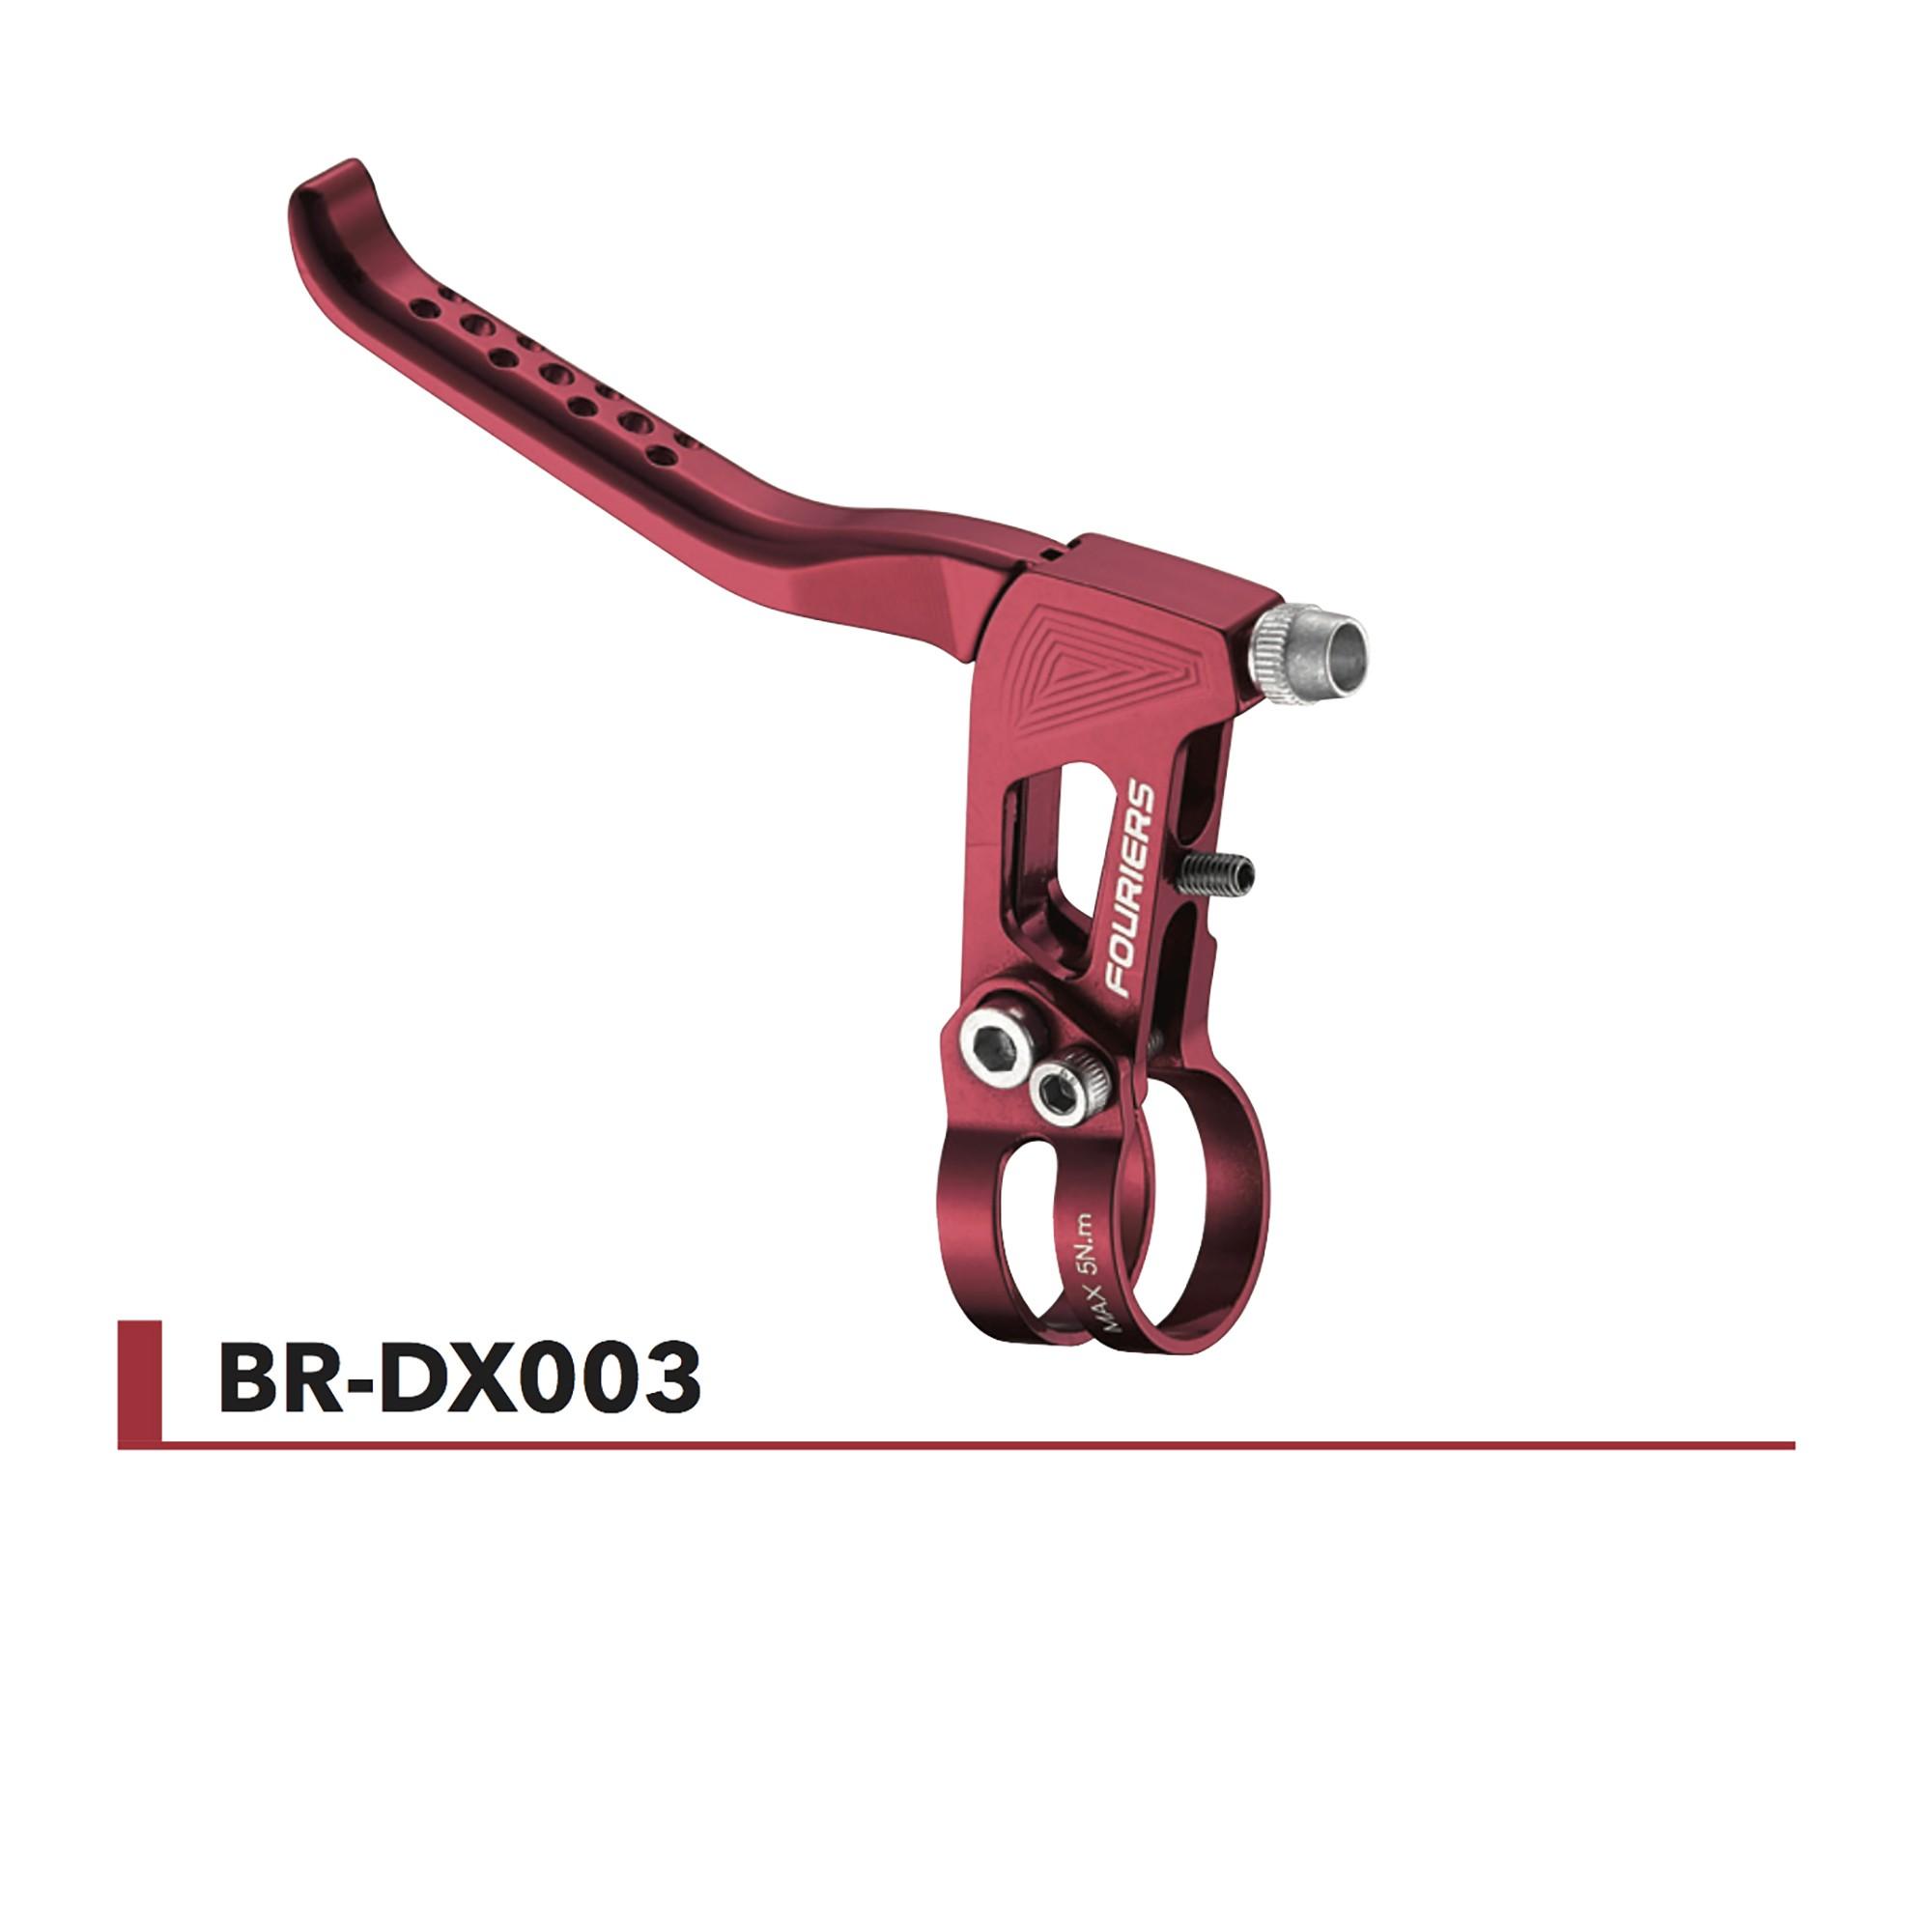 Poignées de freins V-brake Fouriers alu CNC BR-DX003